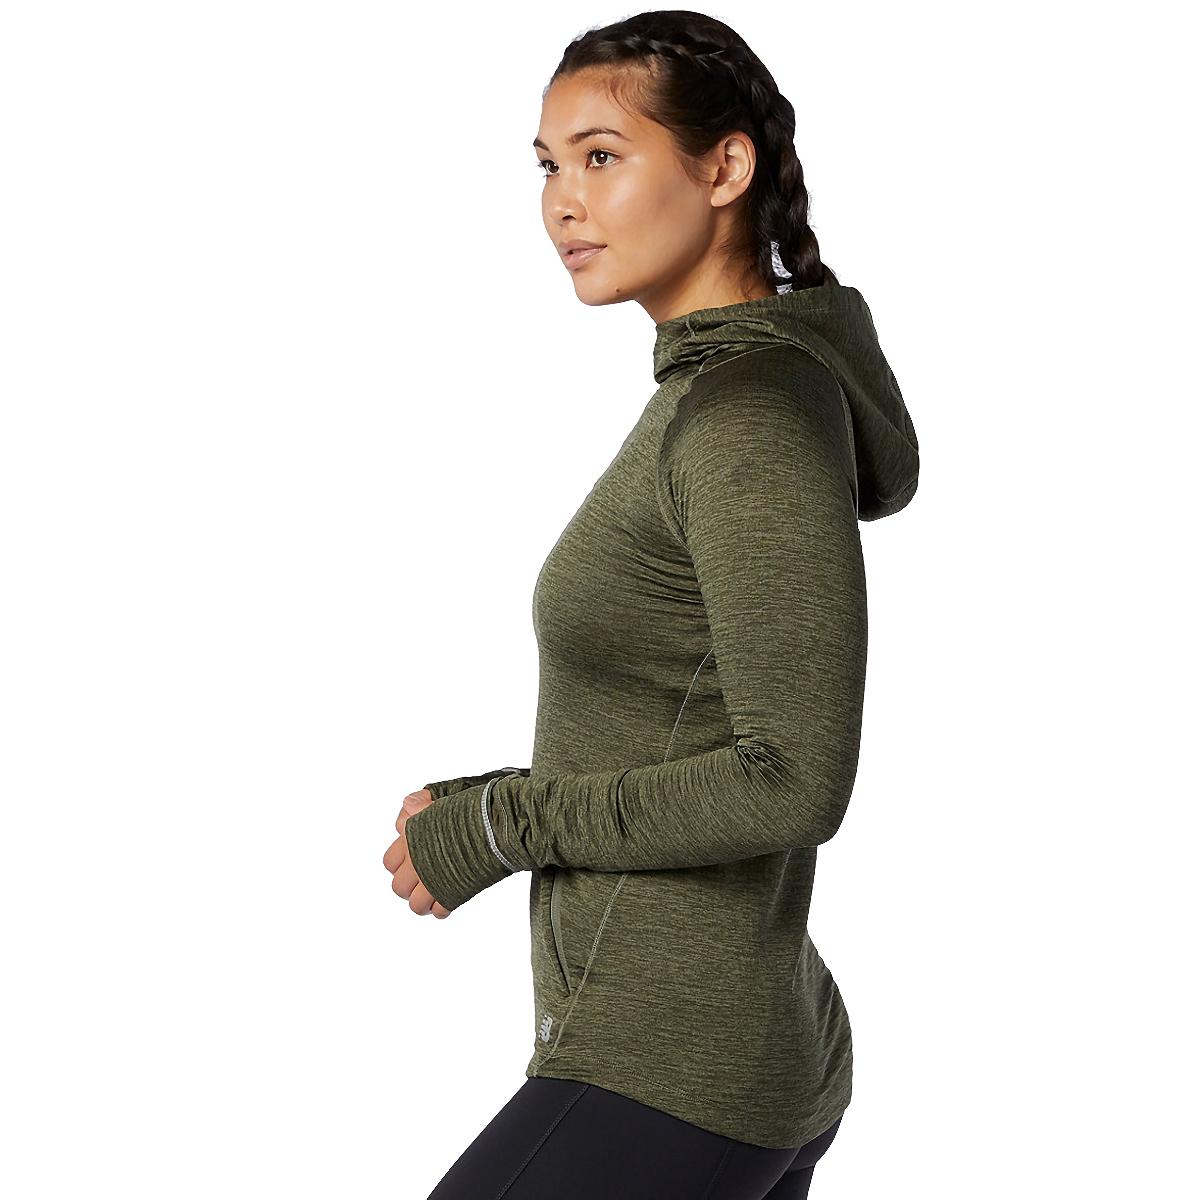 Women's New Balance Heat Grid Hoodie - Color: Oak Green - Size: XS, Oak Green, large, image 2